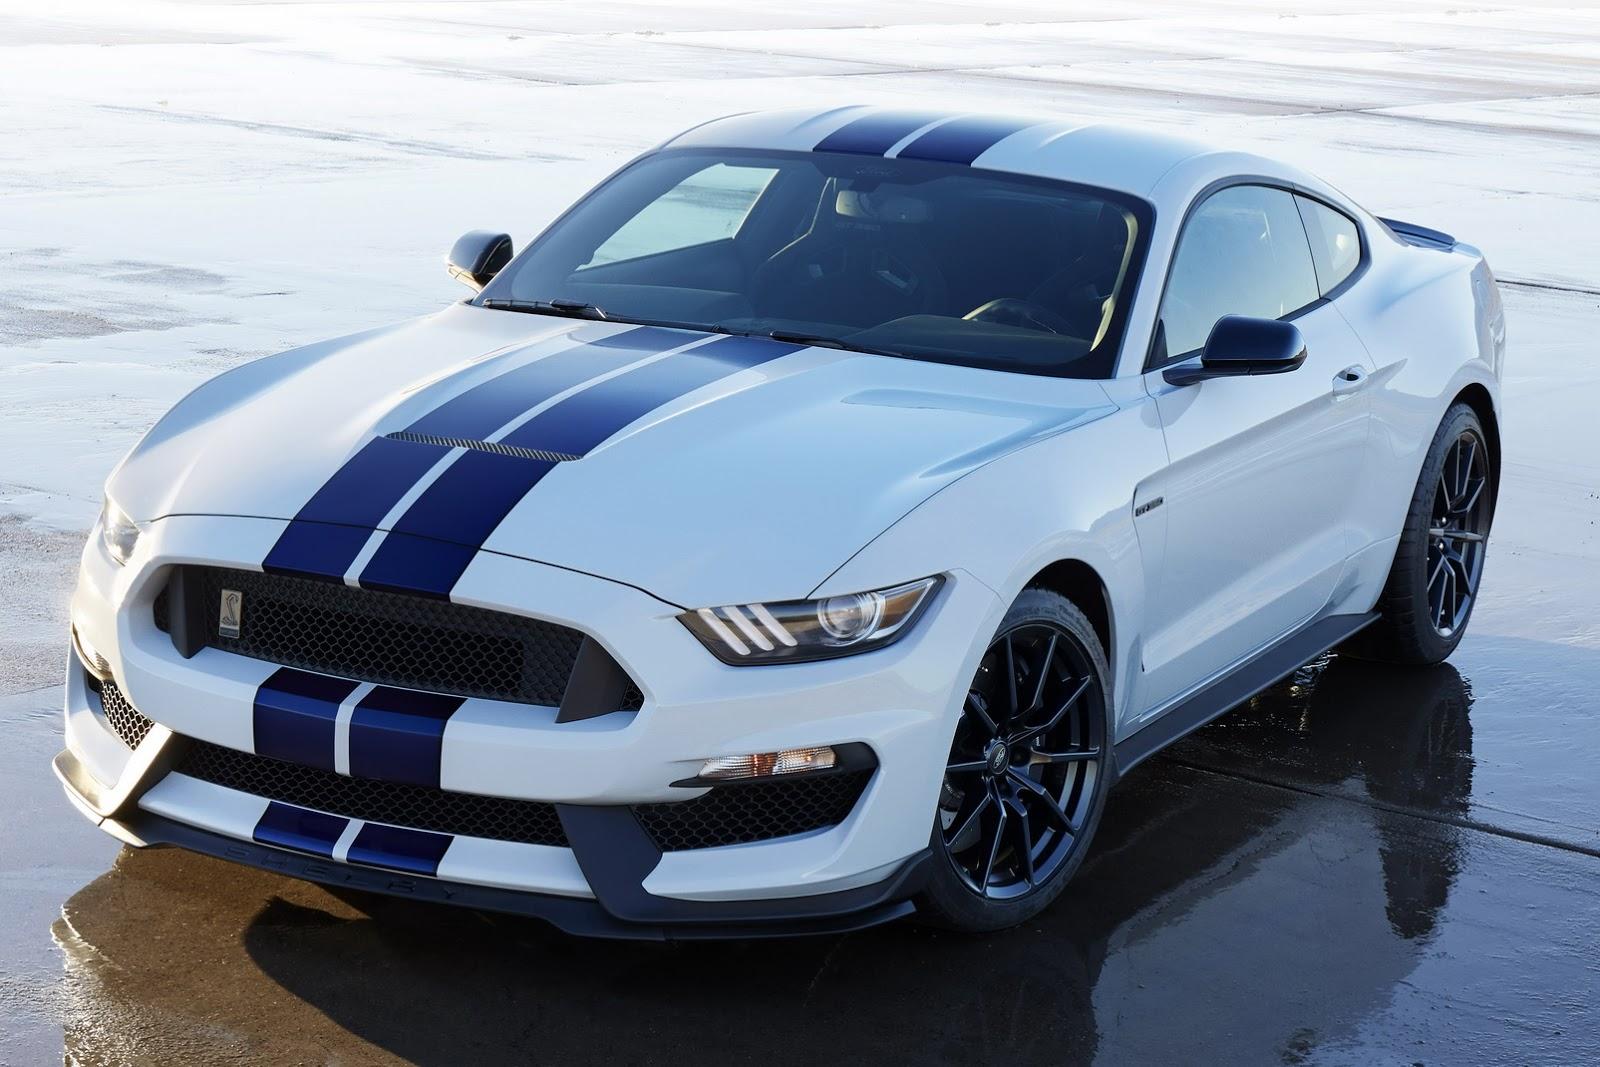 Mustang gt vs m4 8